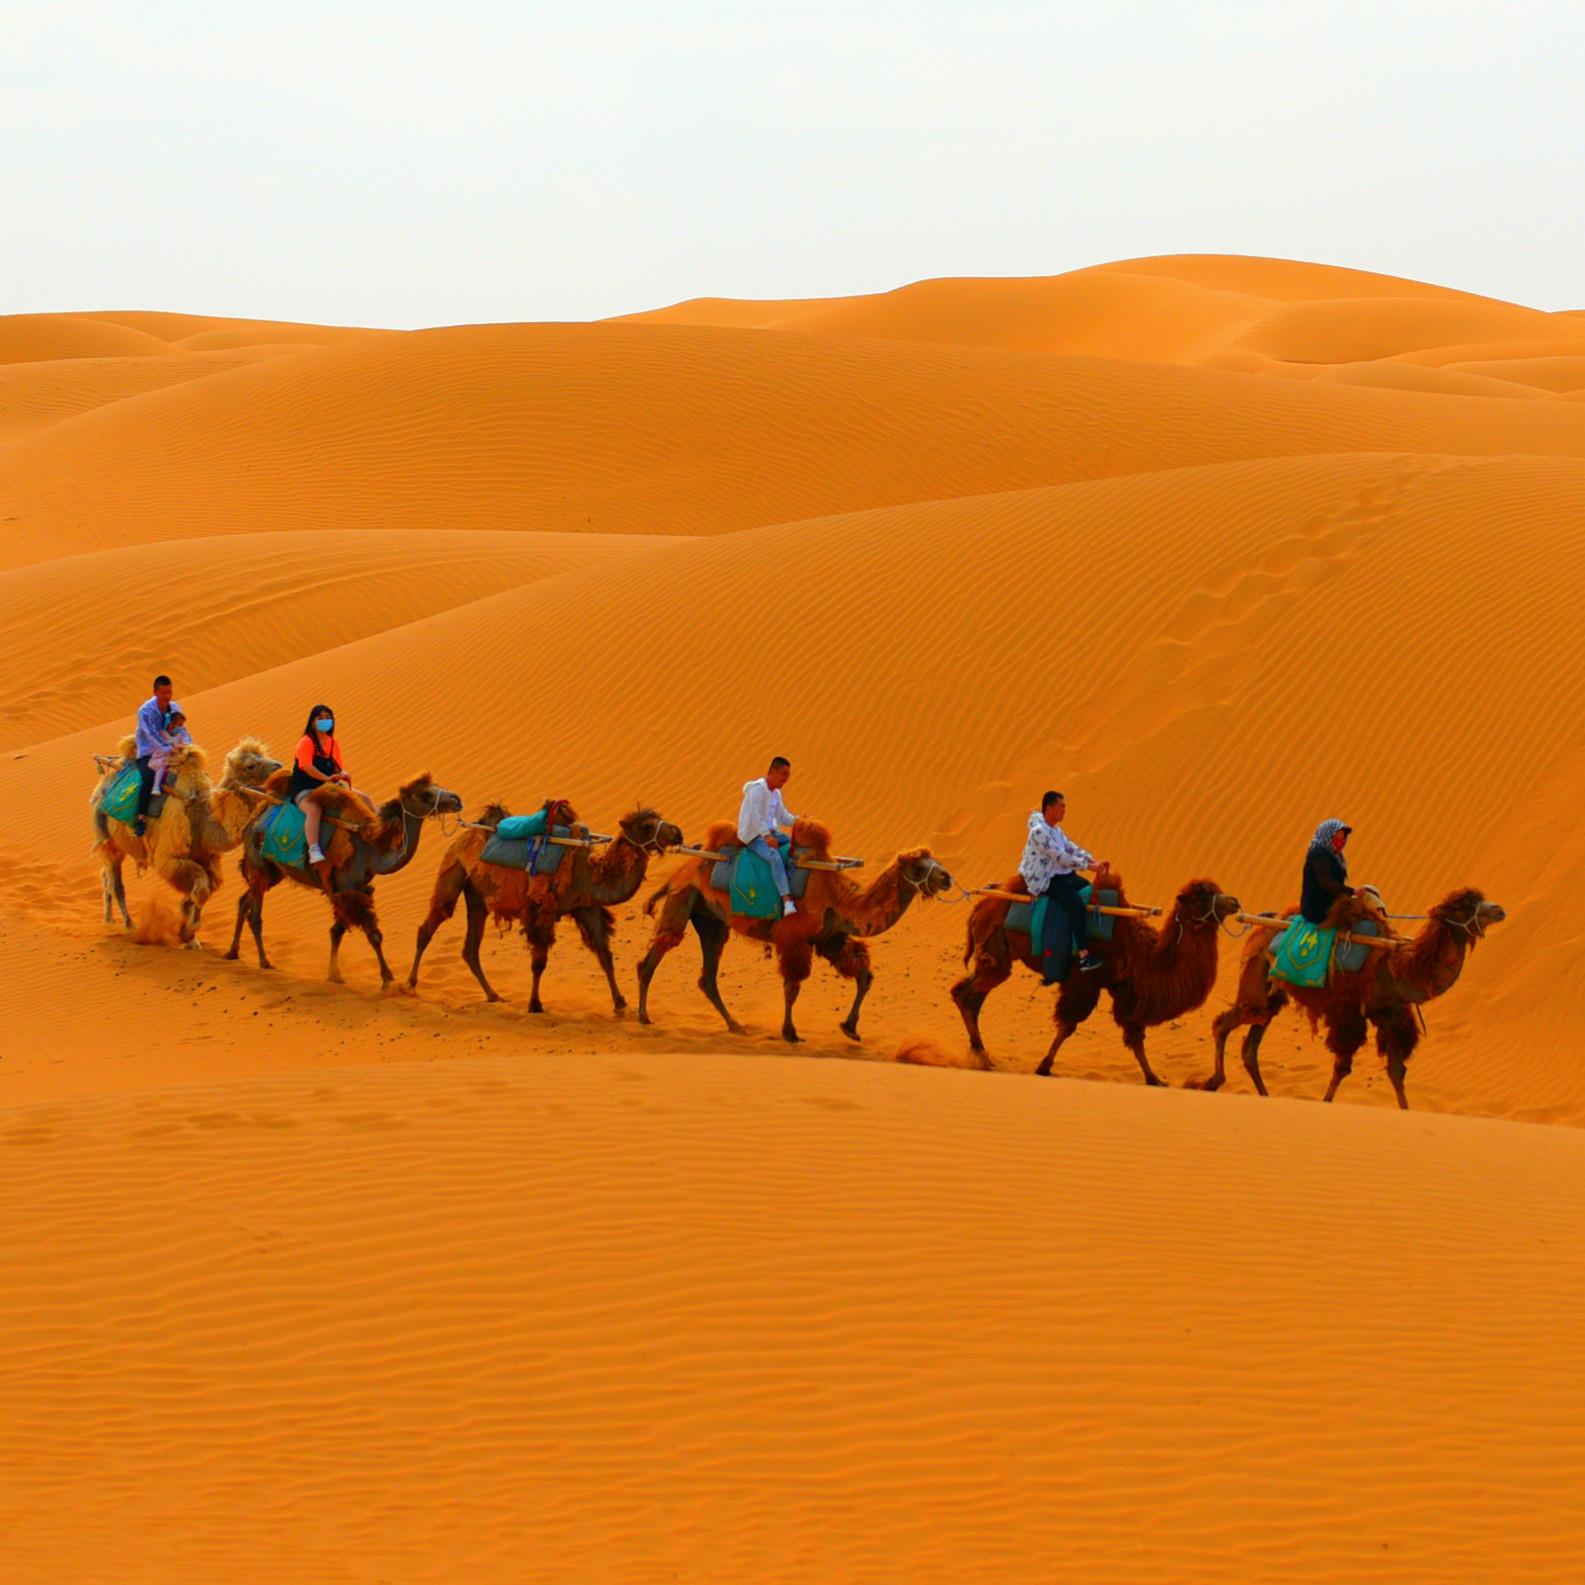 腾格里沙漠小团体穿越戈壁沙漠一日游(含沙漠娱乐项目)